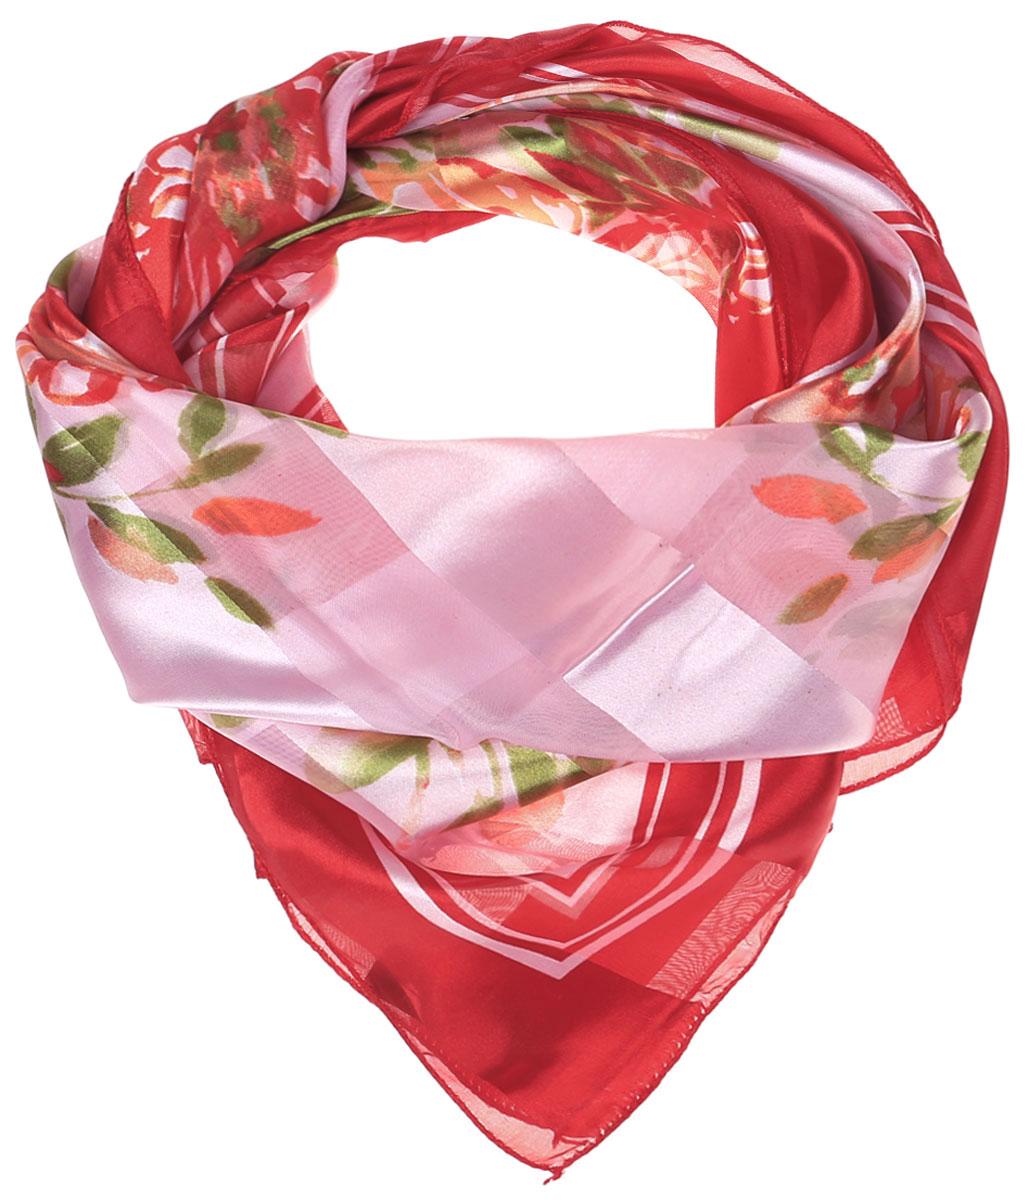 Платок женский Vittorio Richi, цвет: красный, розовый, салатовый. Ro0118-12-1. Размер 95 см х 95 смRo0118-12-1Стильный женский платок Vittorio Richi изготовлен из высококачественного полиэстера с добавлением шелка. Платок оформлен эффектом деворе полоса и оригинальным цветочным принтом. Отделка краев - оверлок.